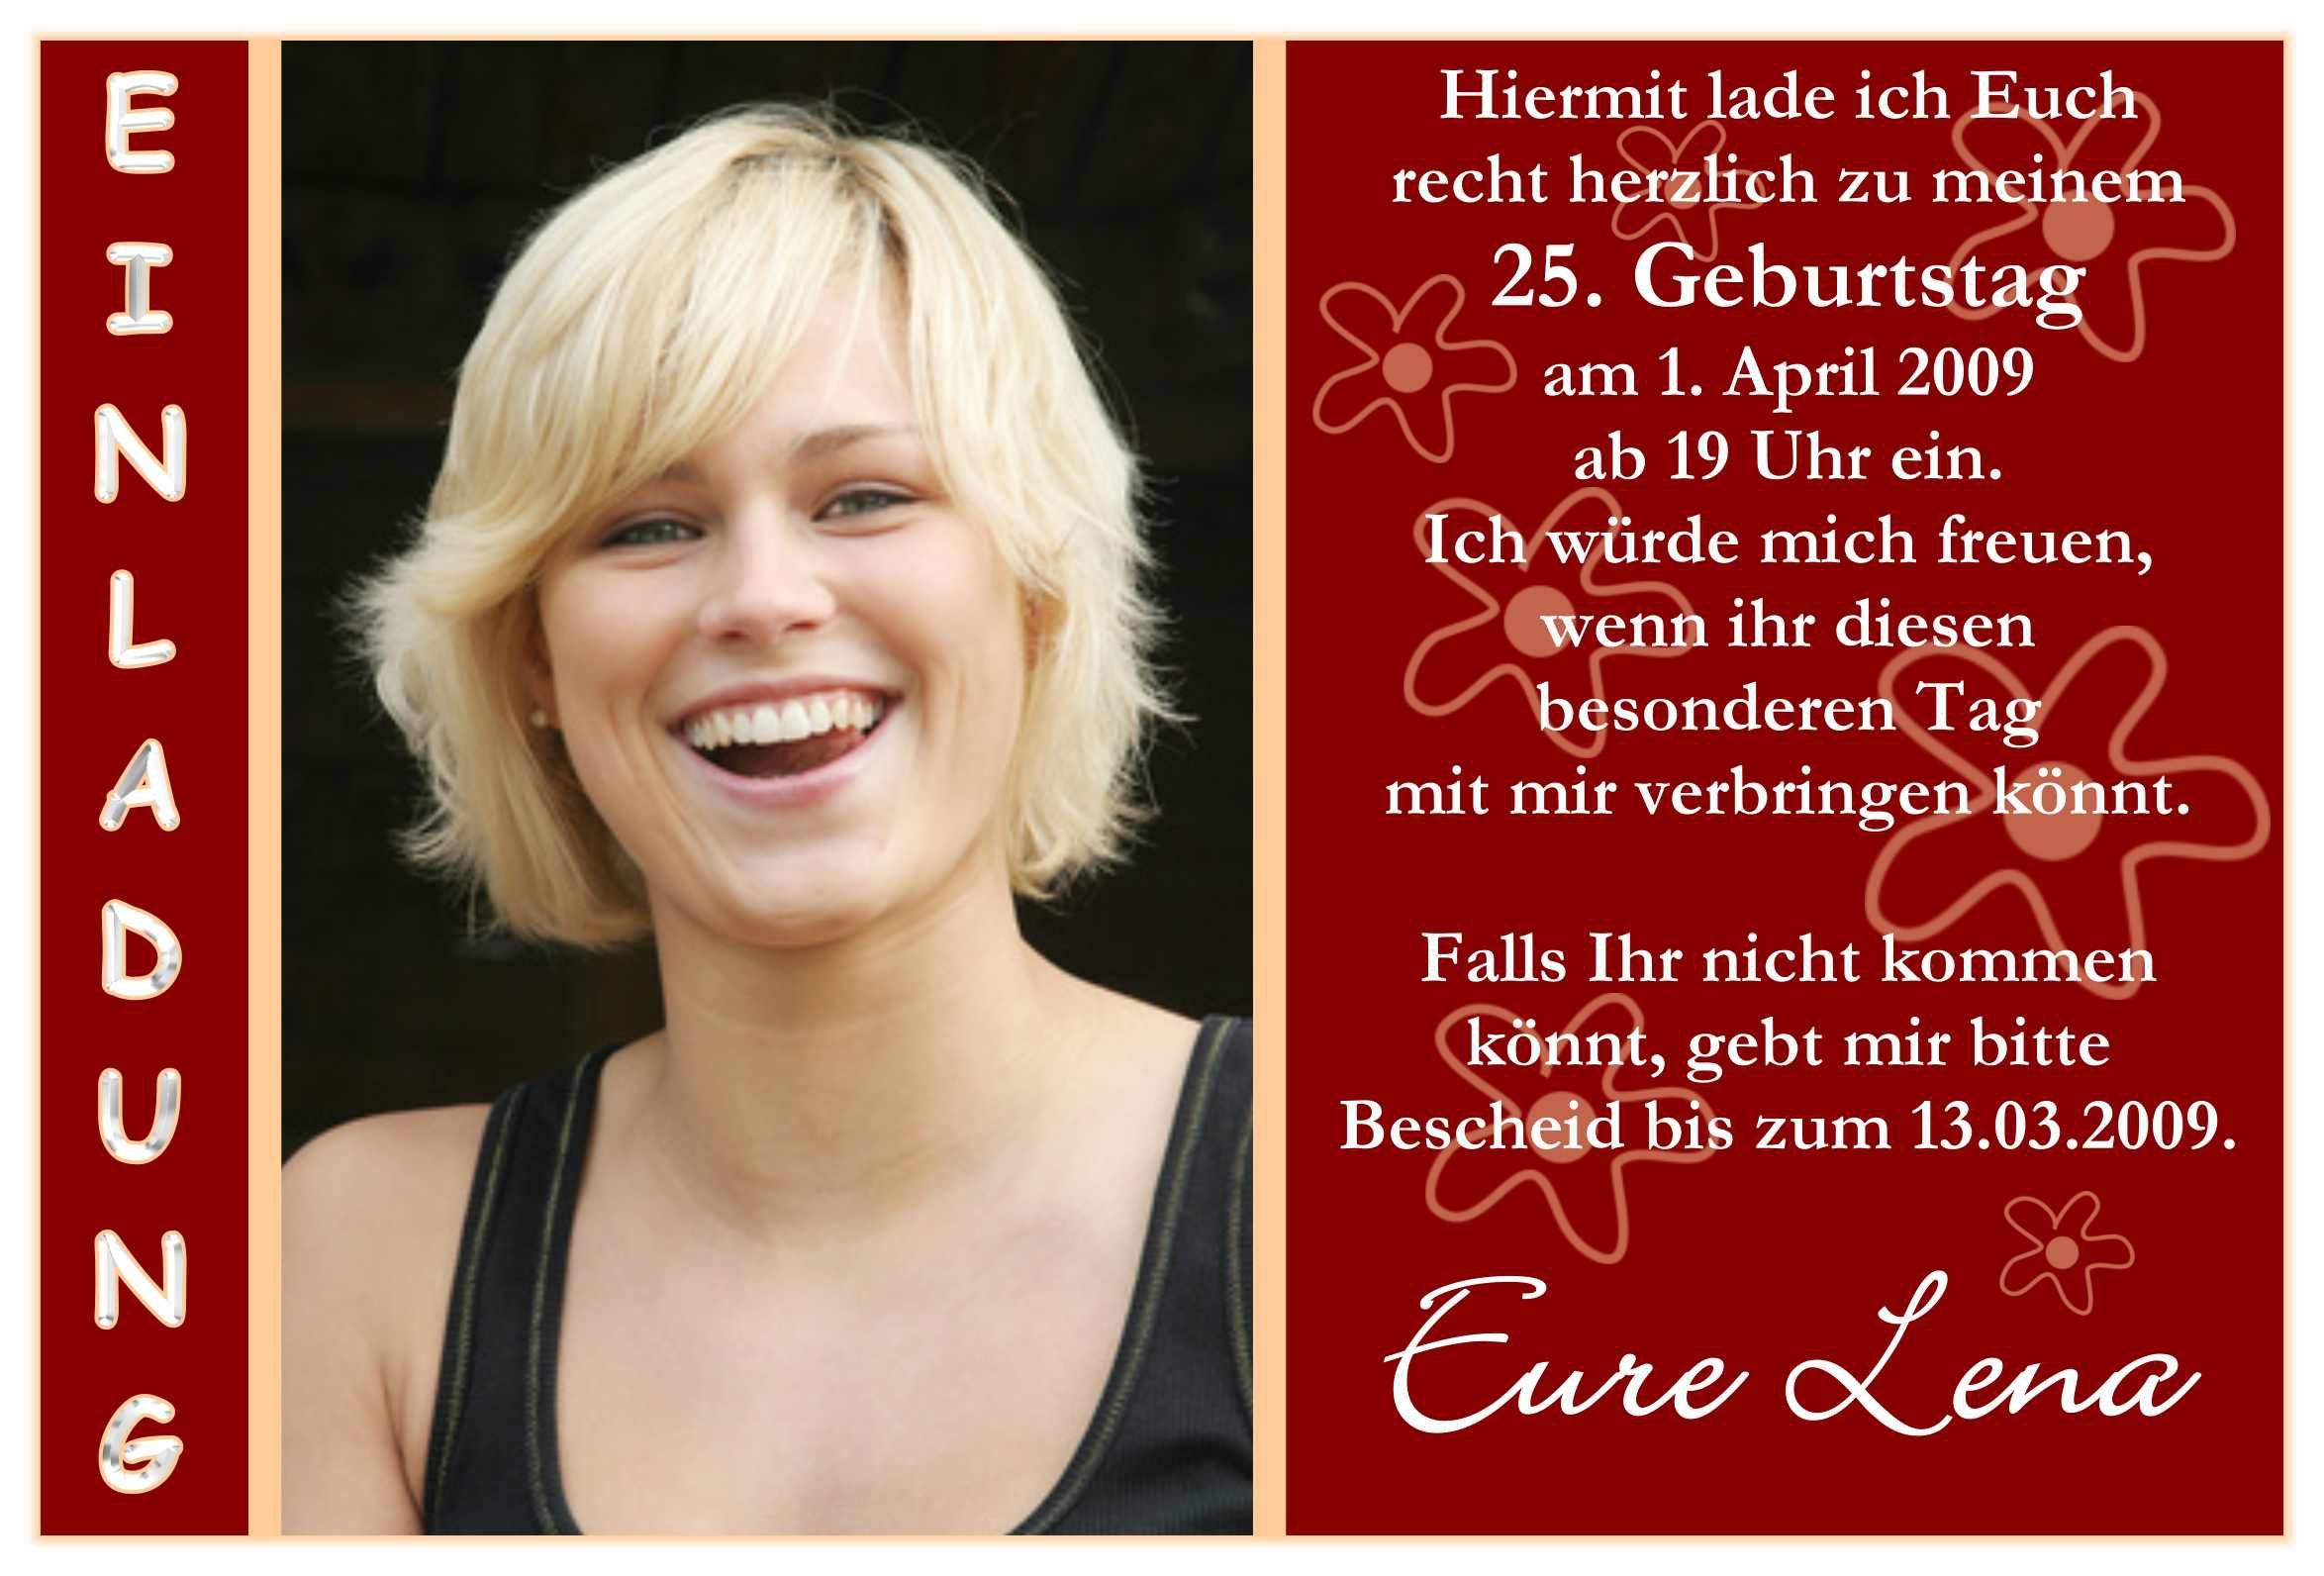 Related Image For Einladung 50. Geburtstag Text Bayerisch